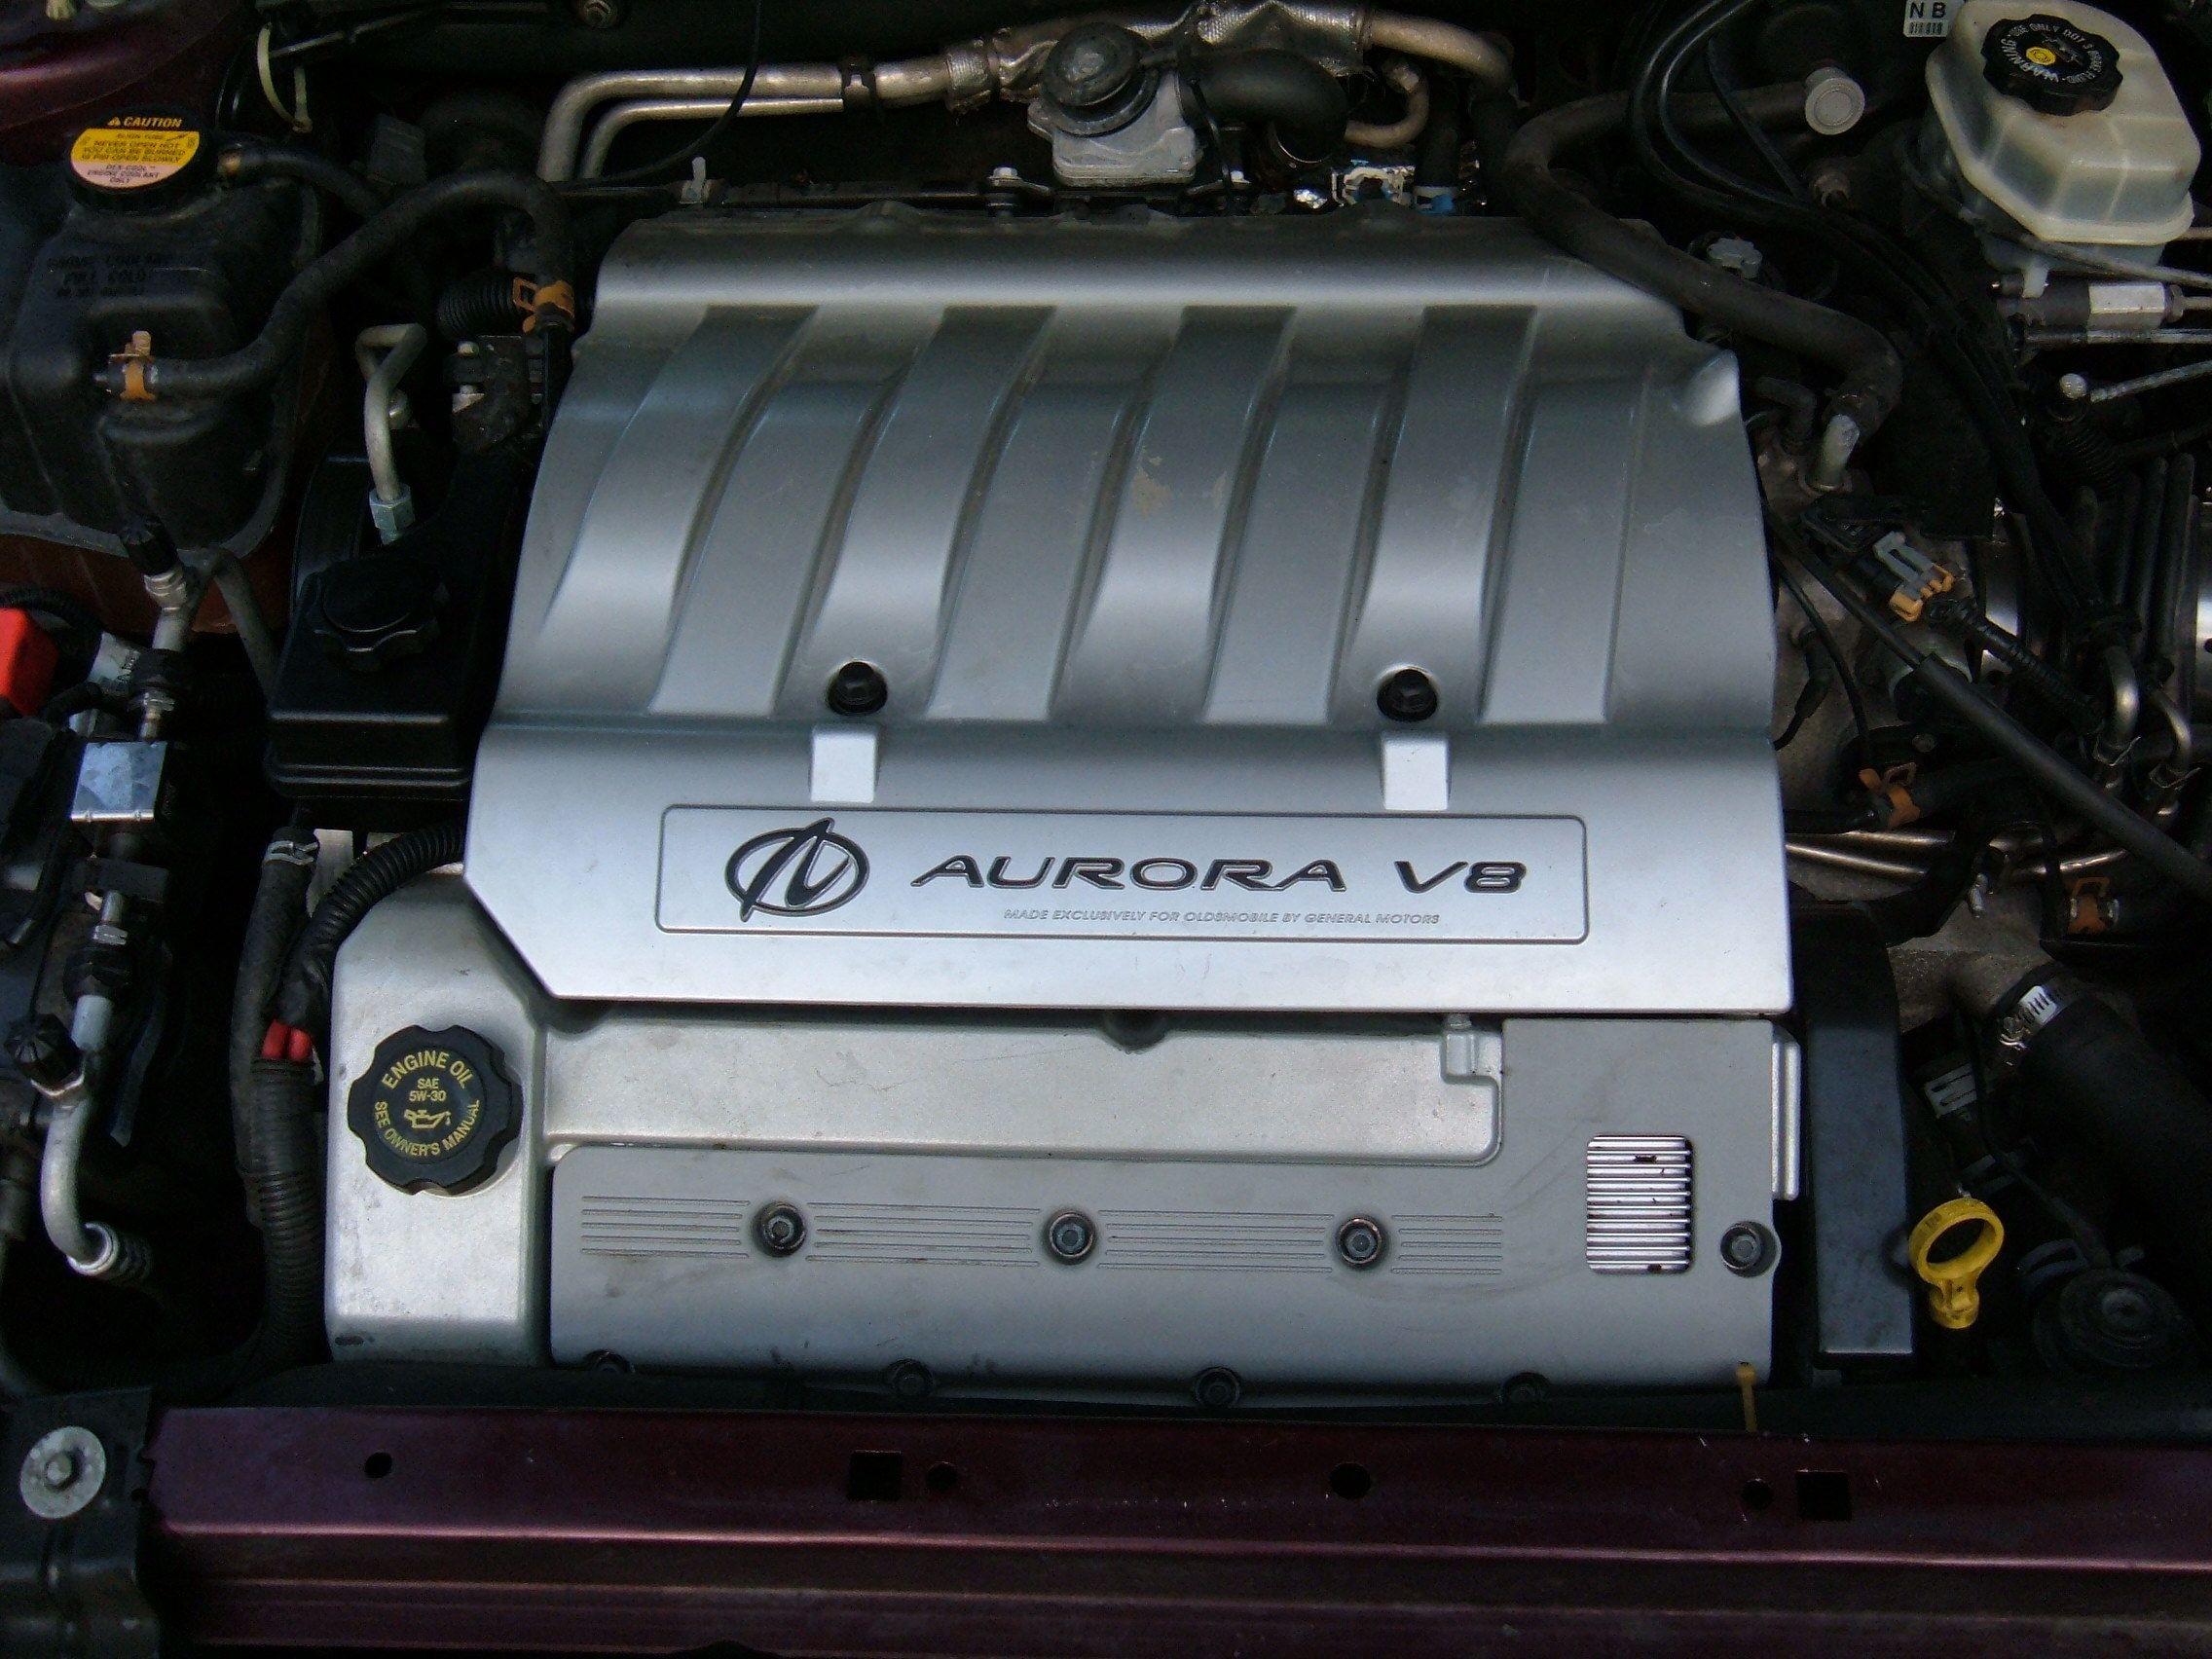 Diagram Of Car Under Hood 2003 Oldsmobile Aurora Used Engine Description 4 0l Vin C 8th Of Diagram Of Car Under Hood